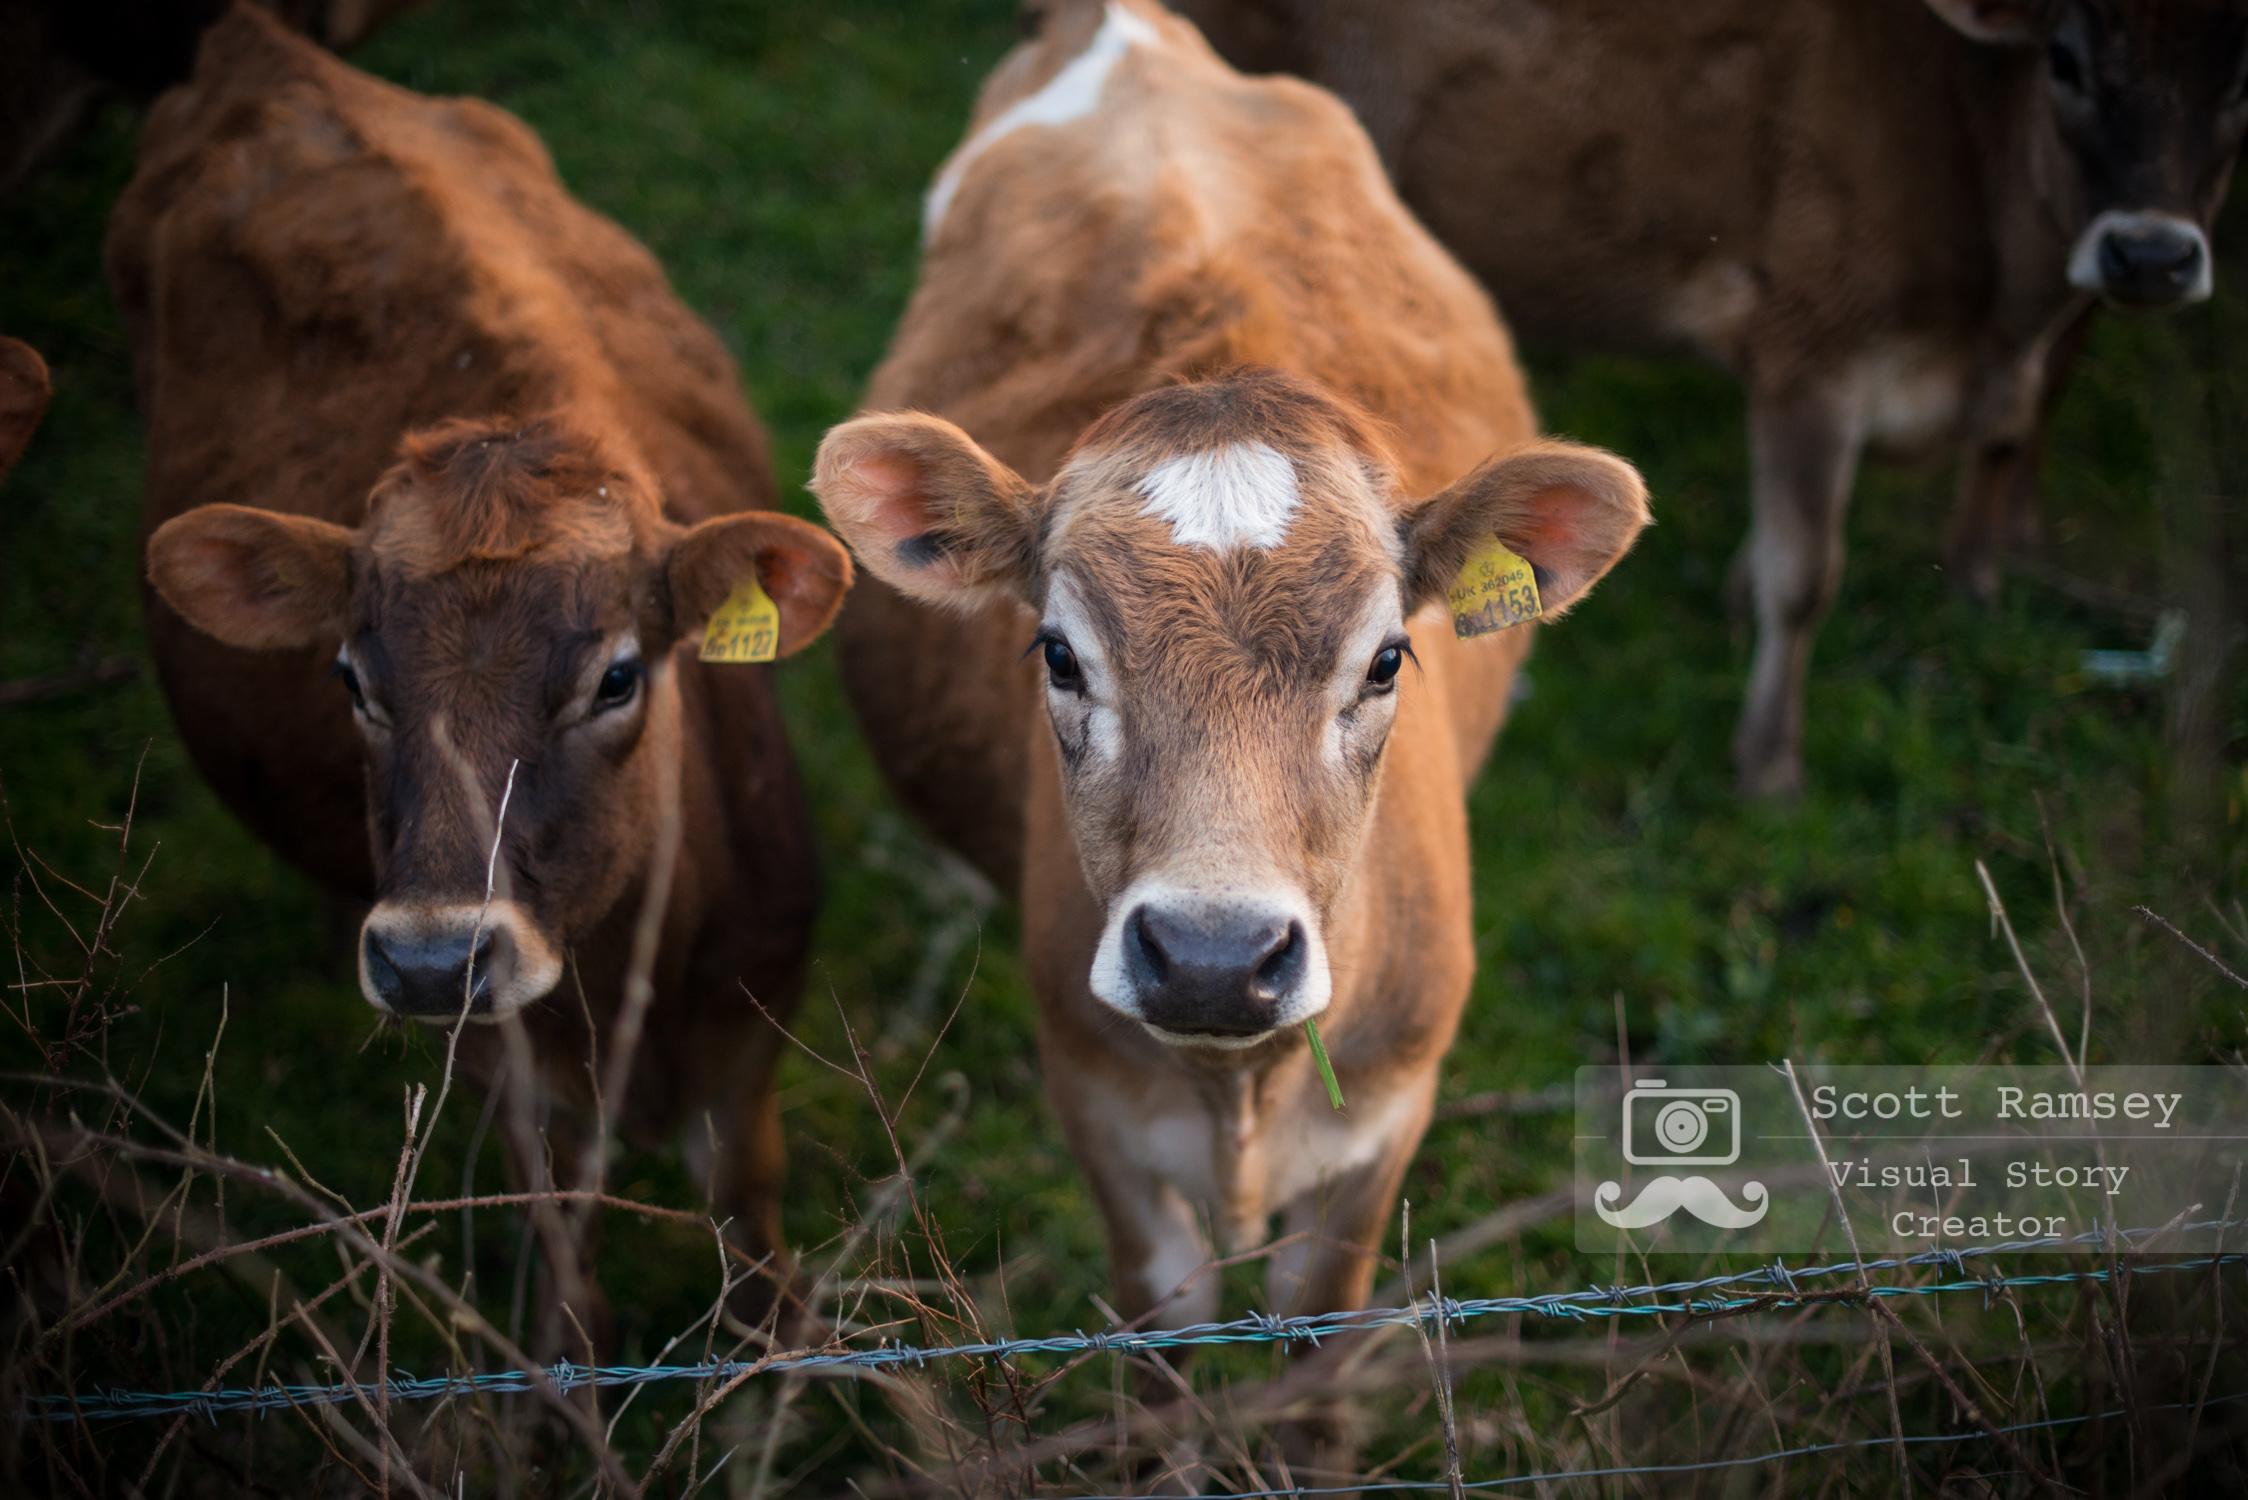 Calves stand in a farmers field in South Hams, Devon, England. © Scott Ramsey